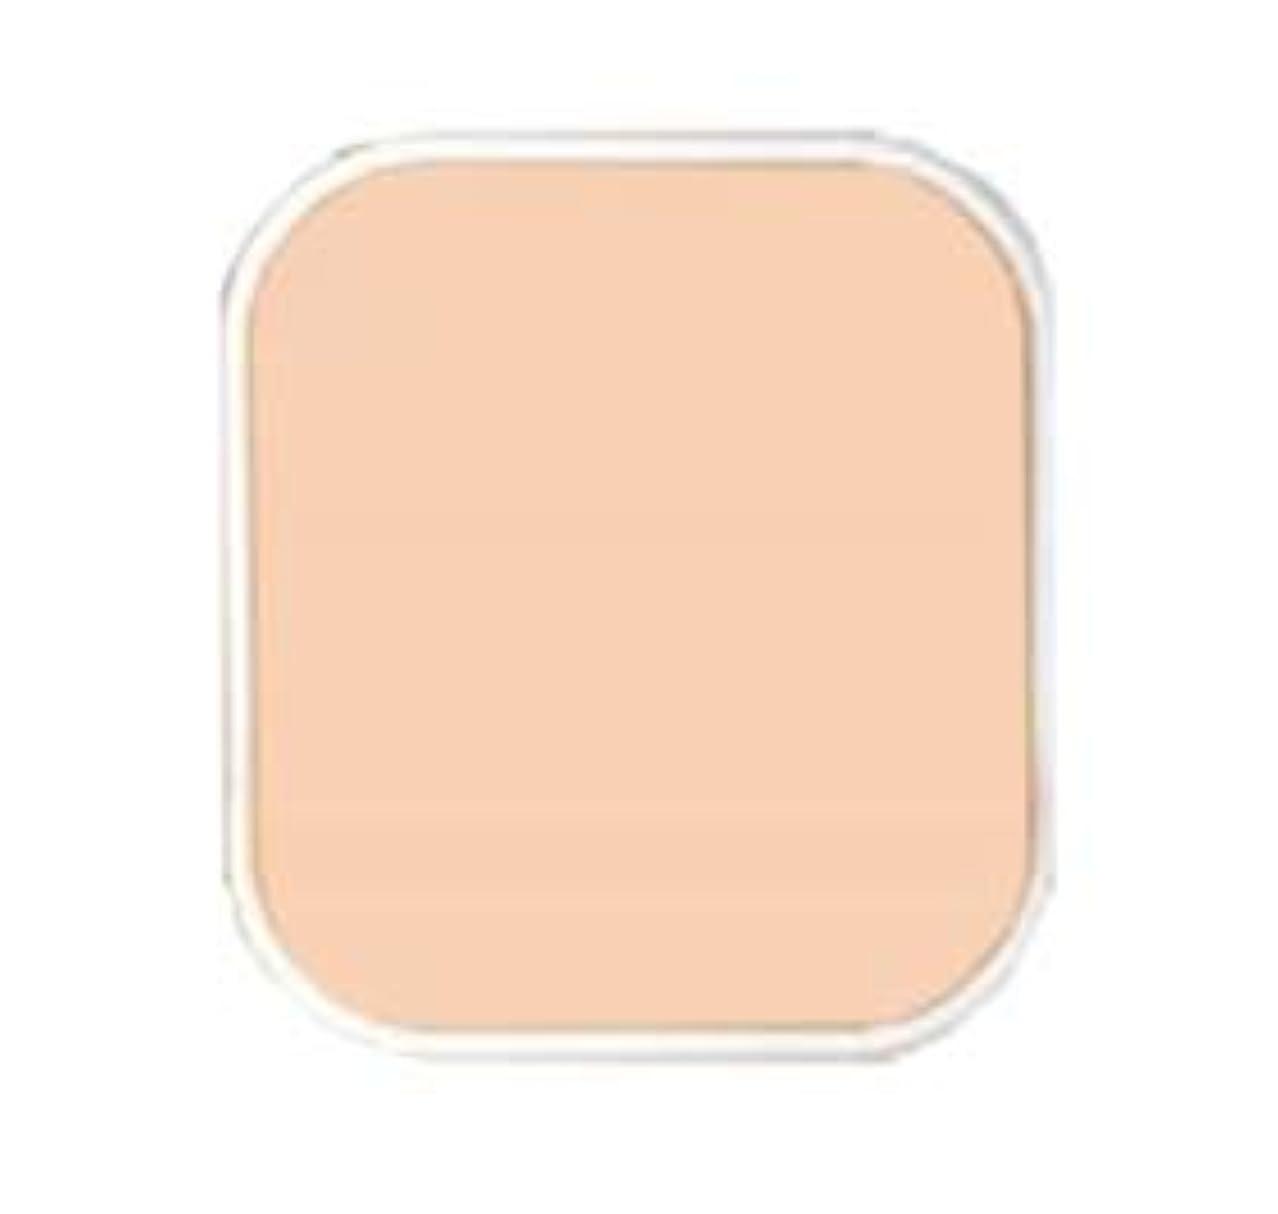 ギャラントリー粘土装置アクセーヌ クリーミィファンデーションPV(リフィル)<P20自然なピンク系>※ケース別売り(11g)